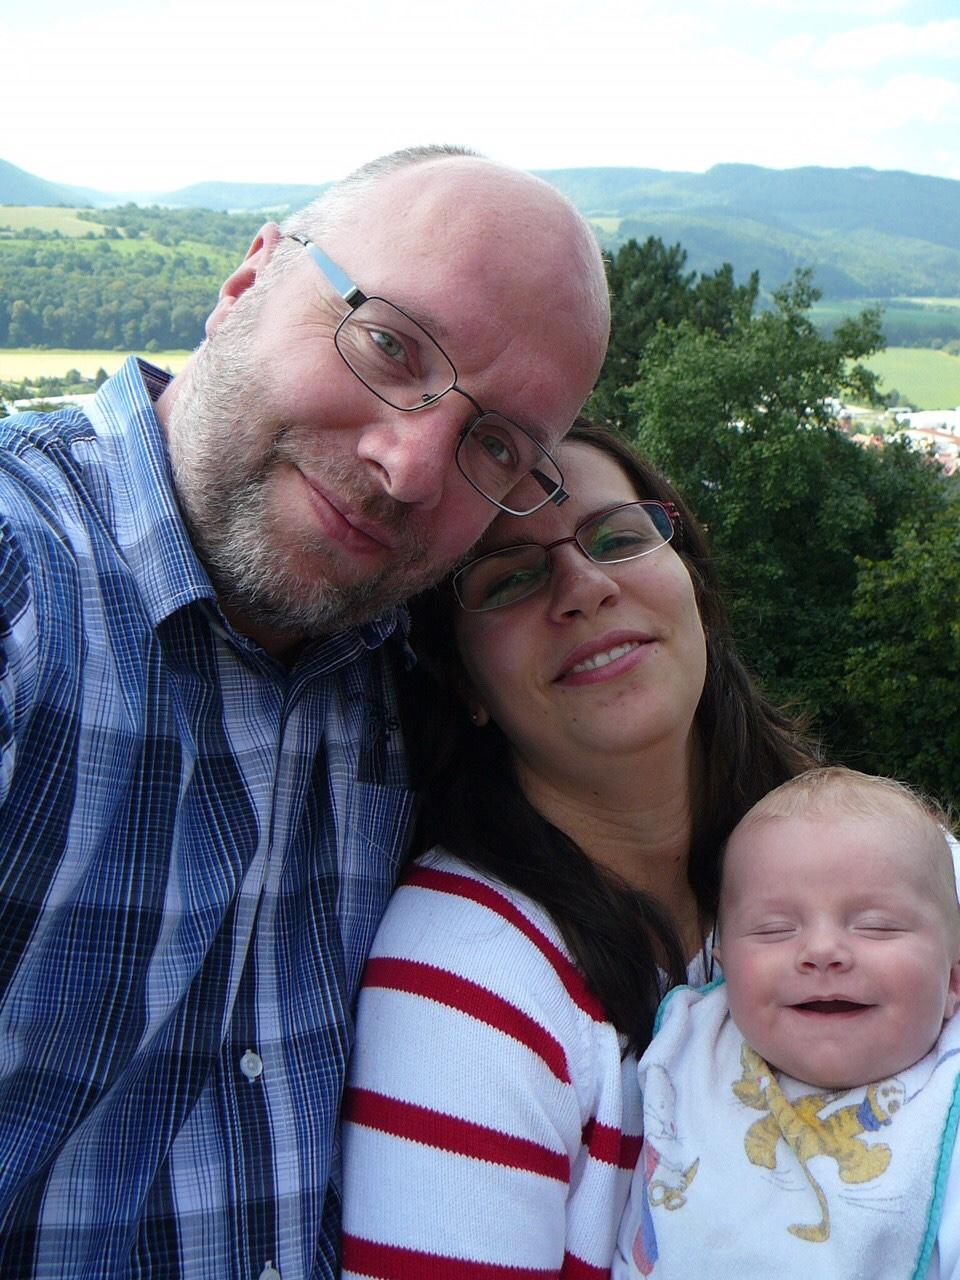 Martin, Yvonne, and Lukas Bernhardt, Burg Normannstein, near Treffurt, at the german border, on 27 June 2011